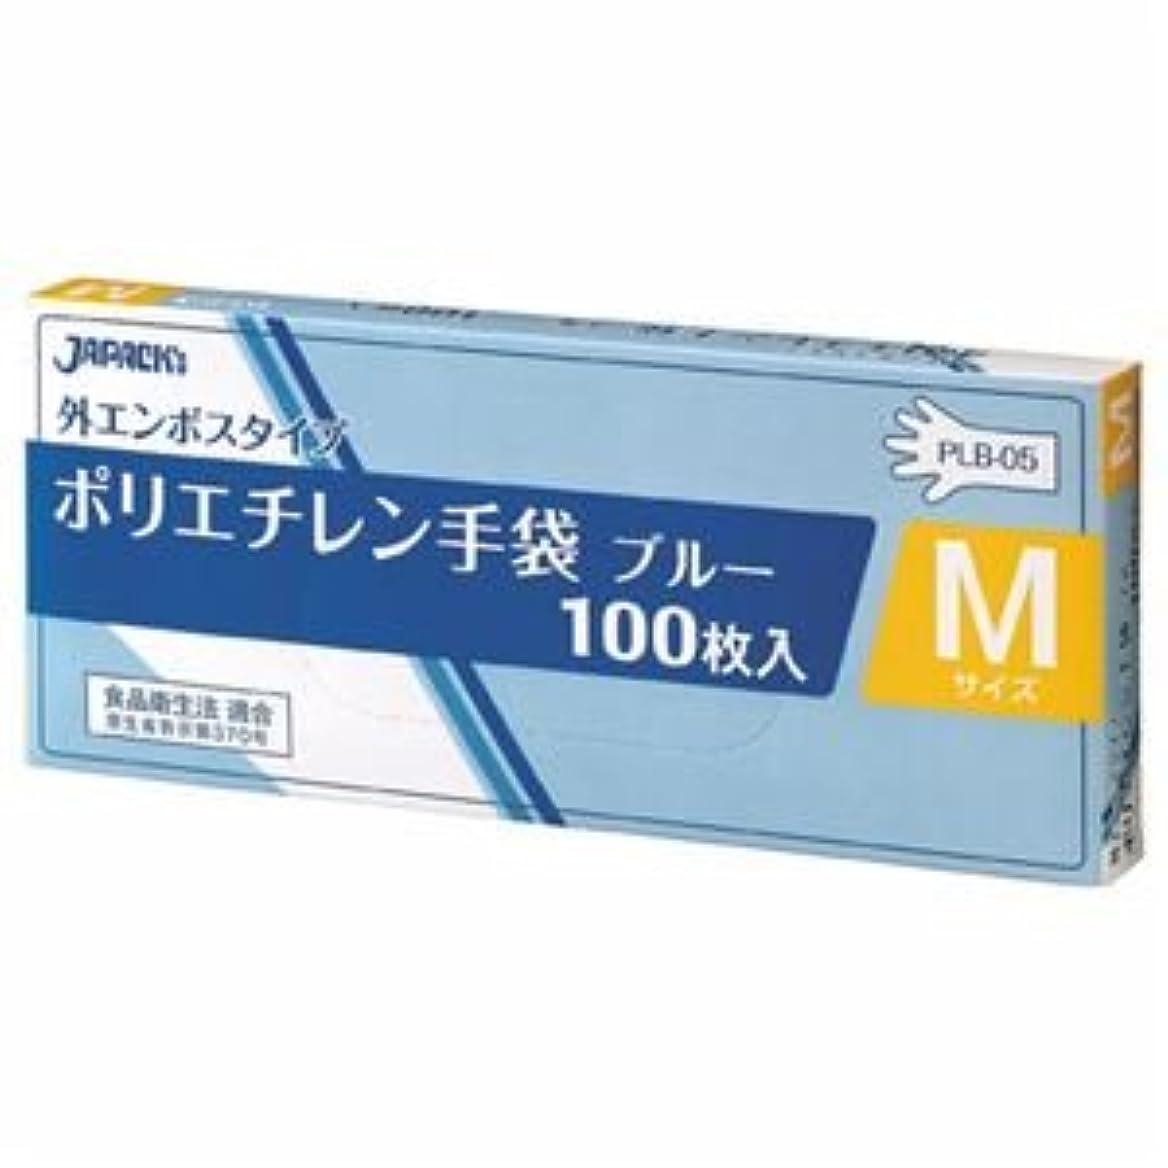 衣服ピニオン豊かな(まとめ) ジャパックス 外エンボスLDポリ手袋BOX M 青 PLB05 1パック(100枚) 【